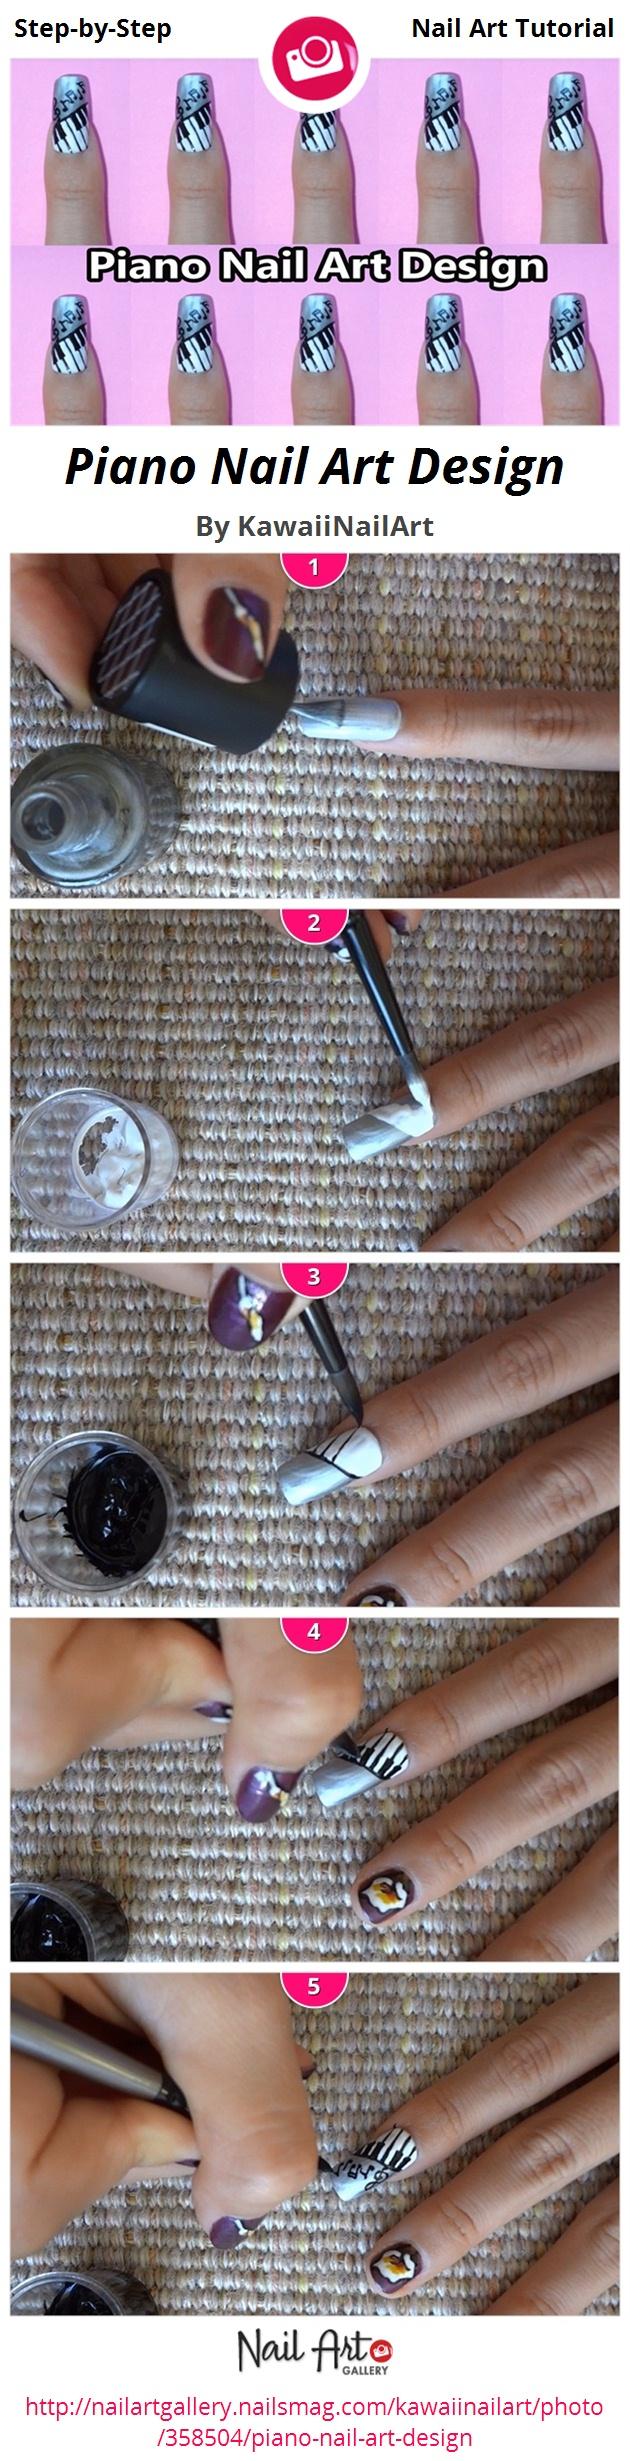 Piano Nail Art Design - Nail Art Gallery